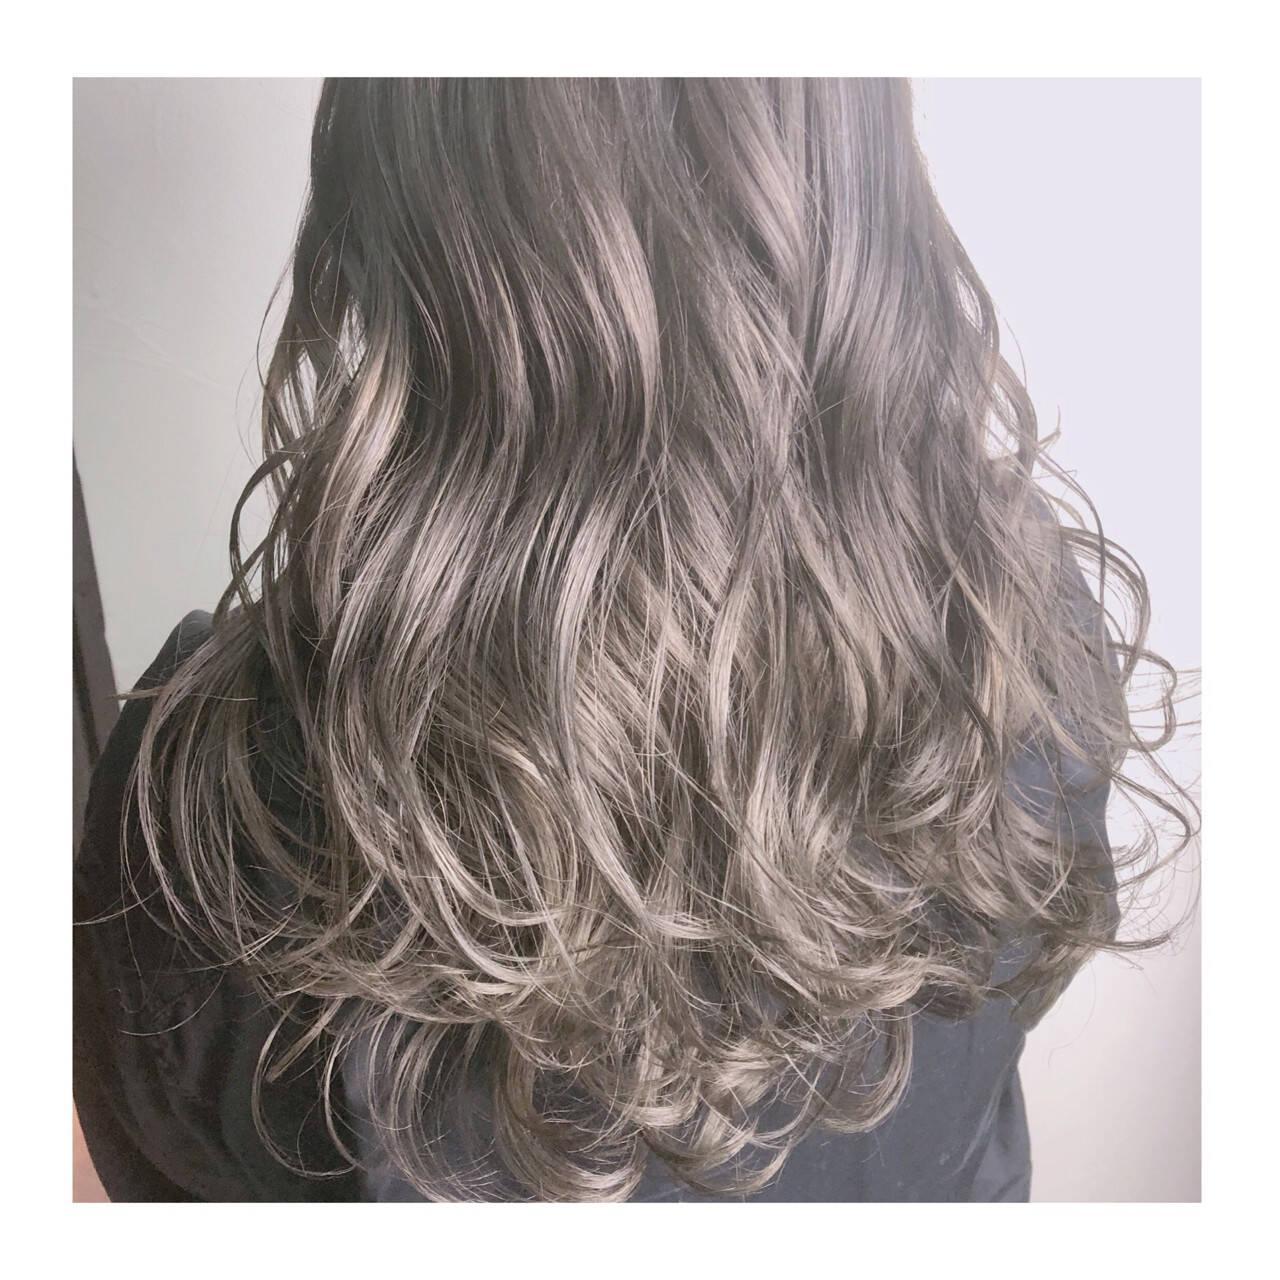 グレージュ アッシュグレージュ セミロング 外国人風カラーヘアスタイルや髪型の写真・画像